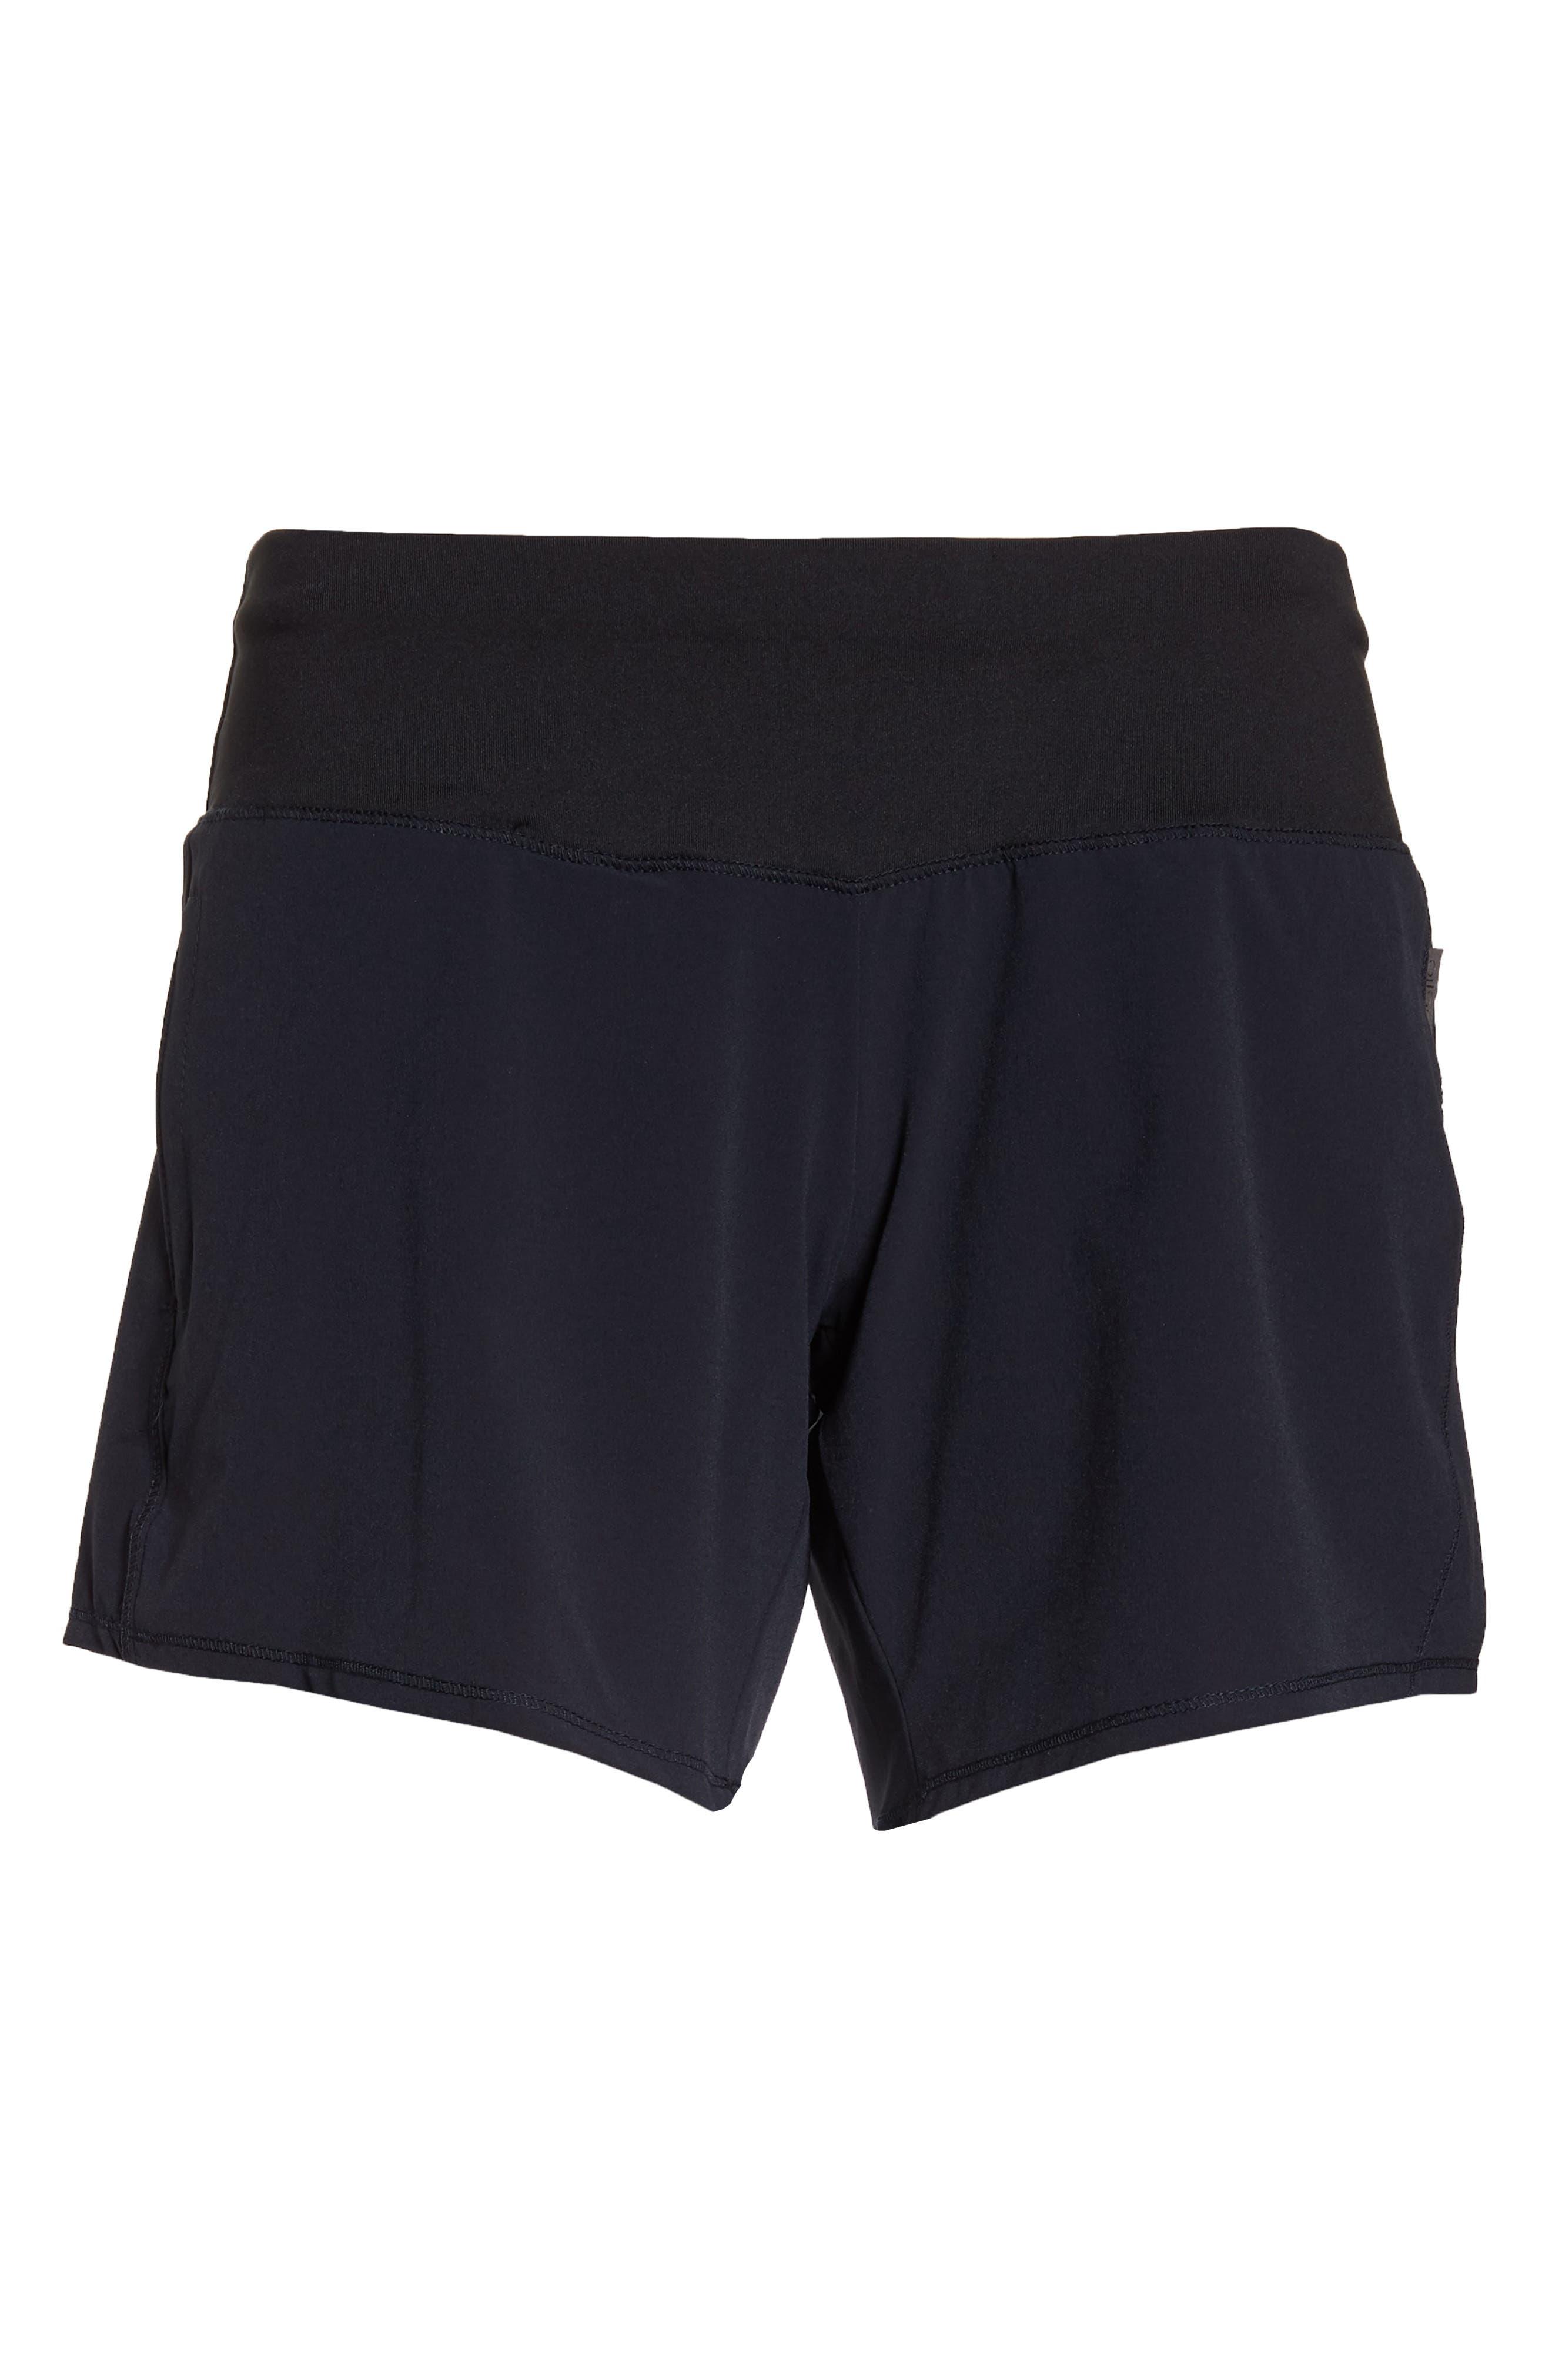 Long Roga Shorts,                             Alternate thumbnail 7, color,                             BLACK